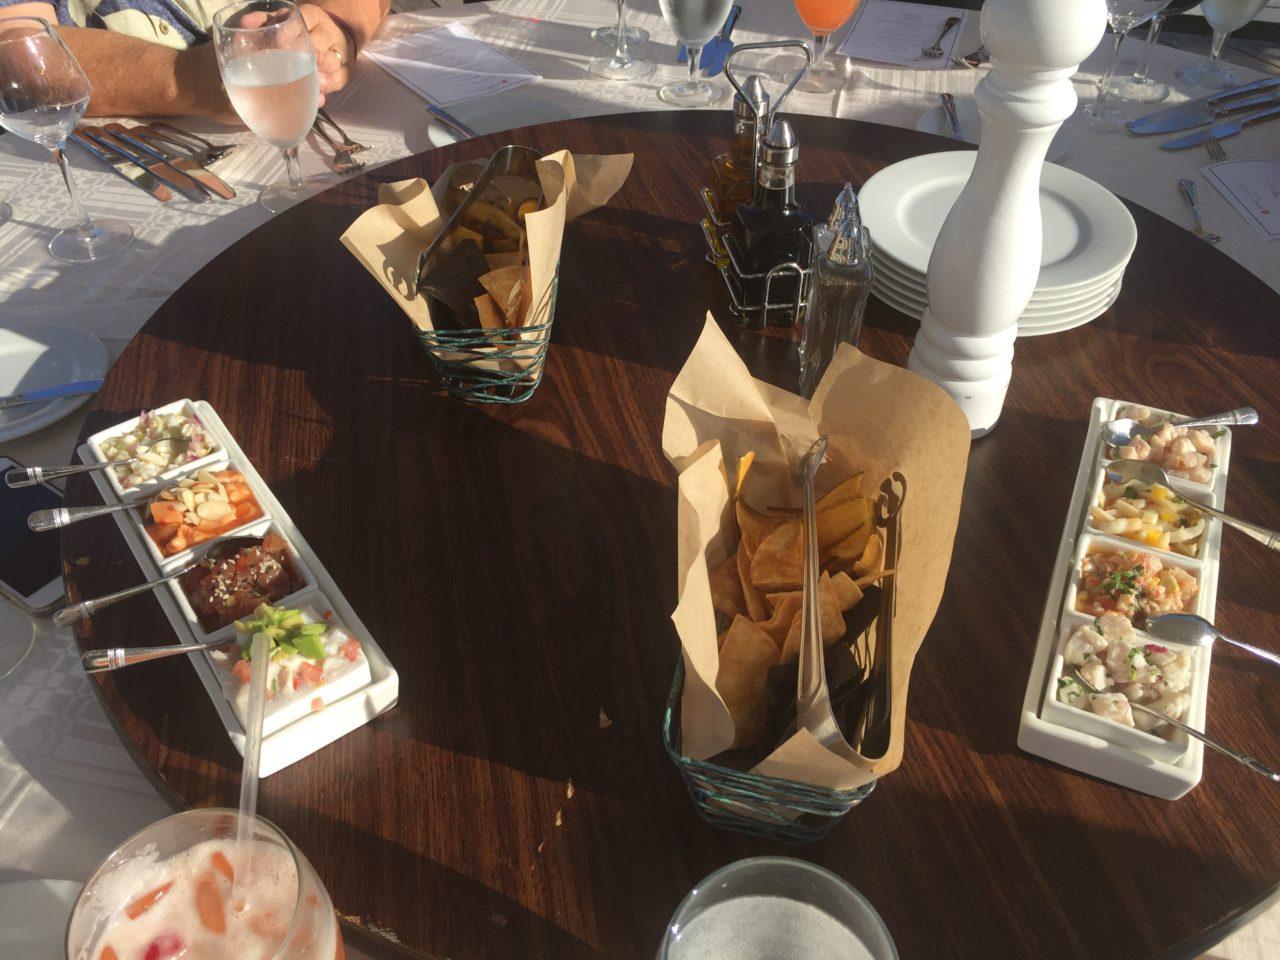 Ceviche sampling at the Hyatt Regency Coconut Point ~ Gem of a Florida Resort